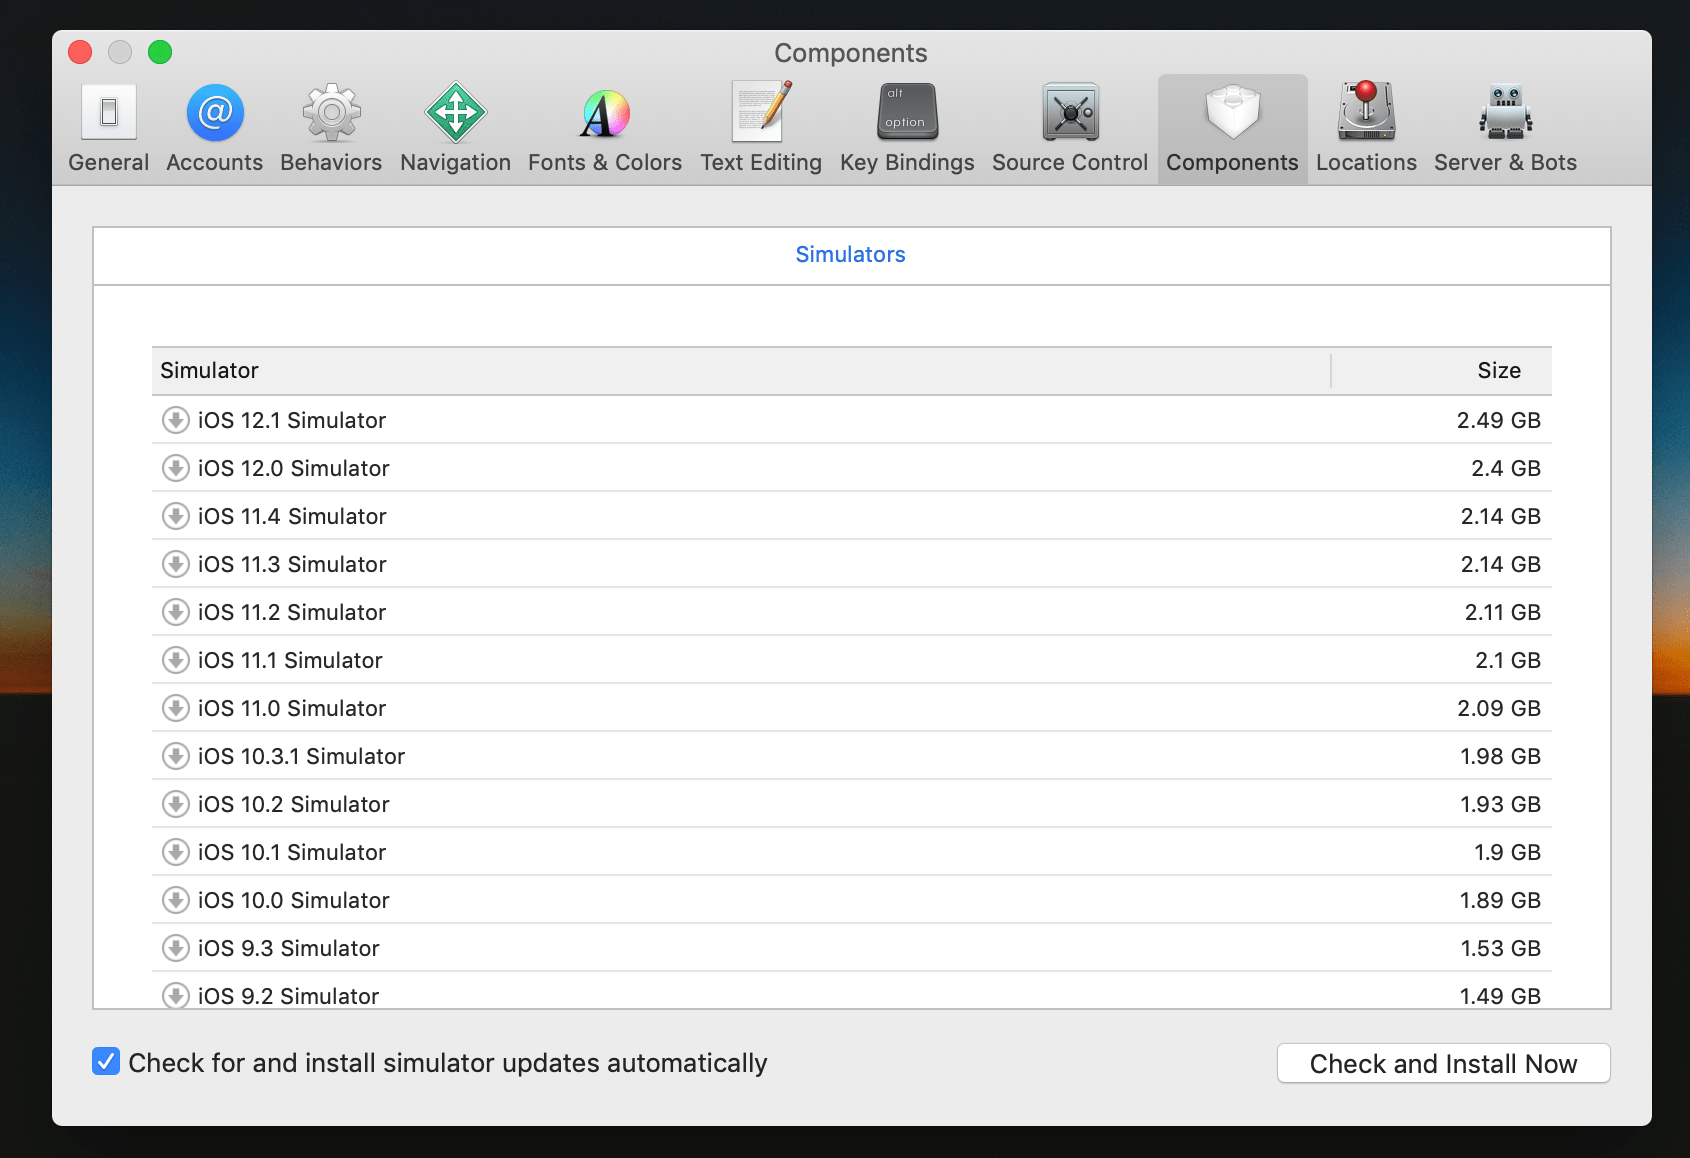 Xcode: Installing iOS simulators